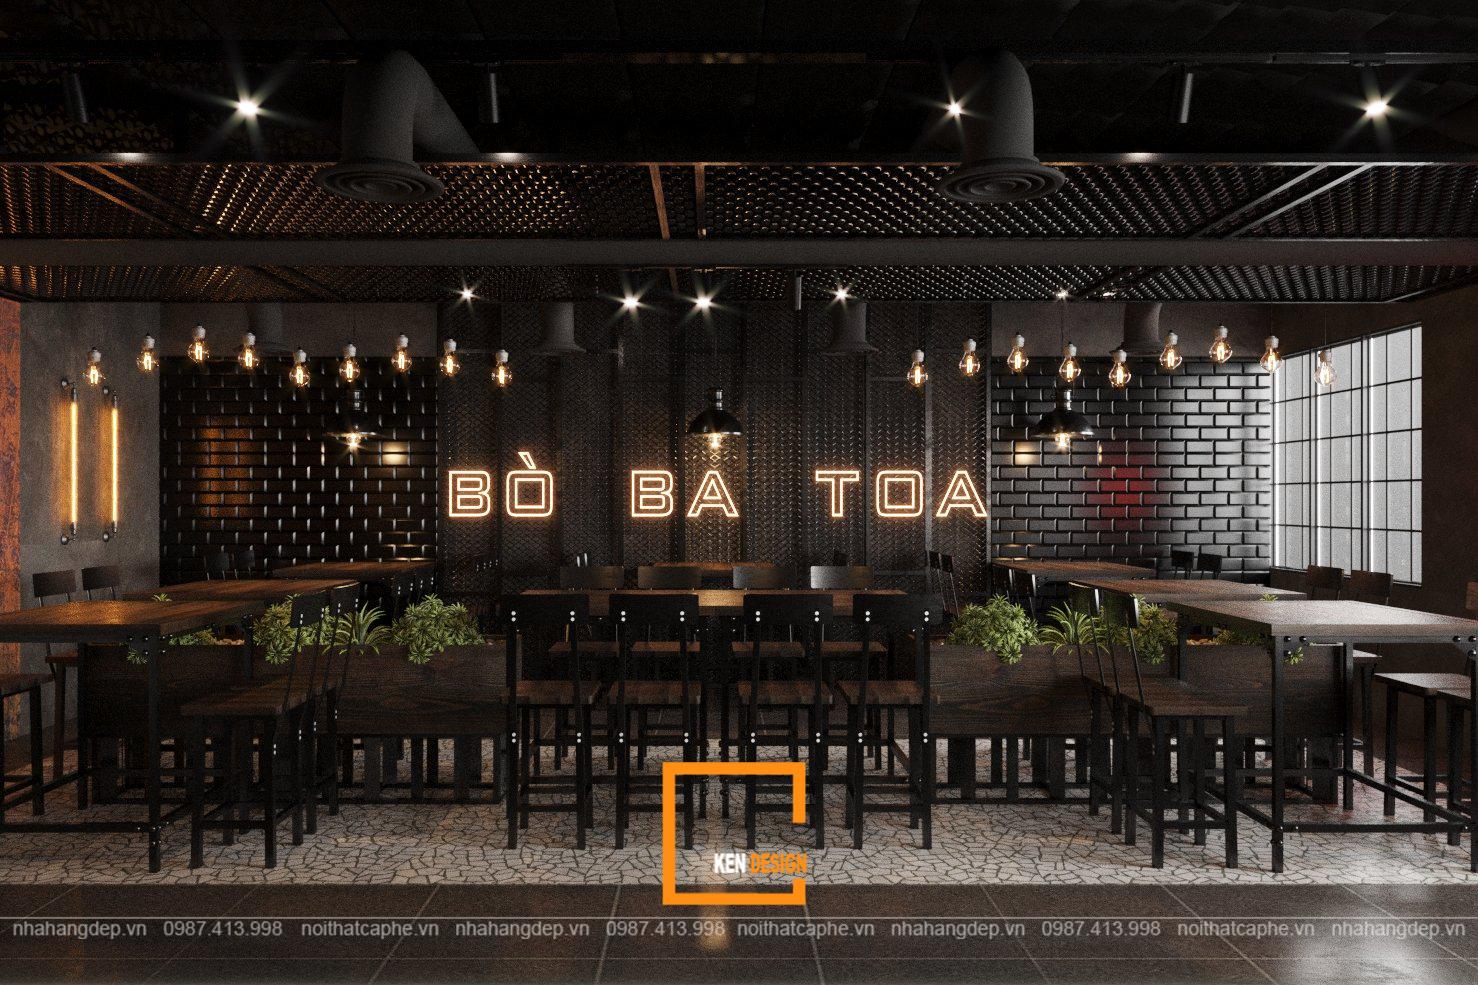 Thiết kế nhà hàng Lẩu bò Ba Toa 2 tầng tại Hà Nội